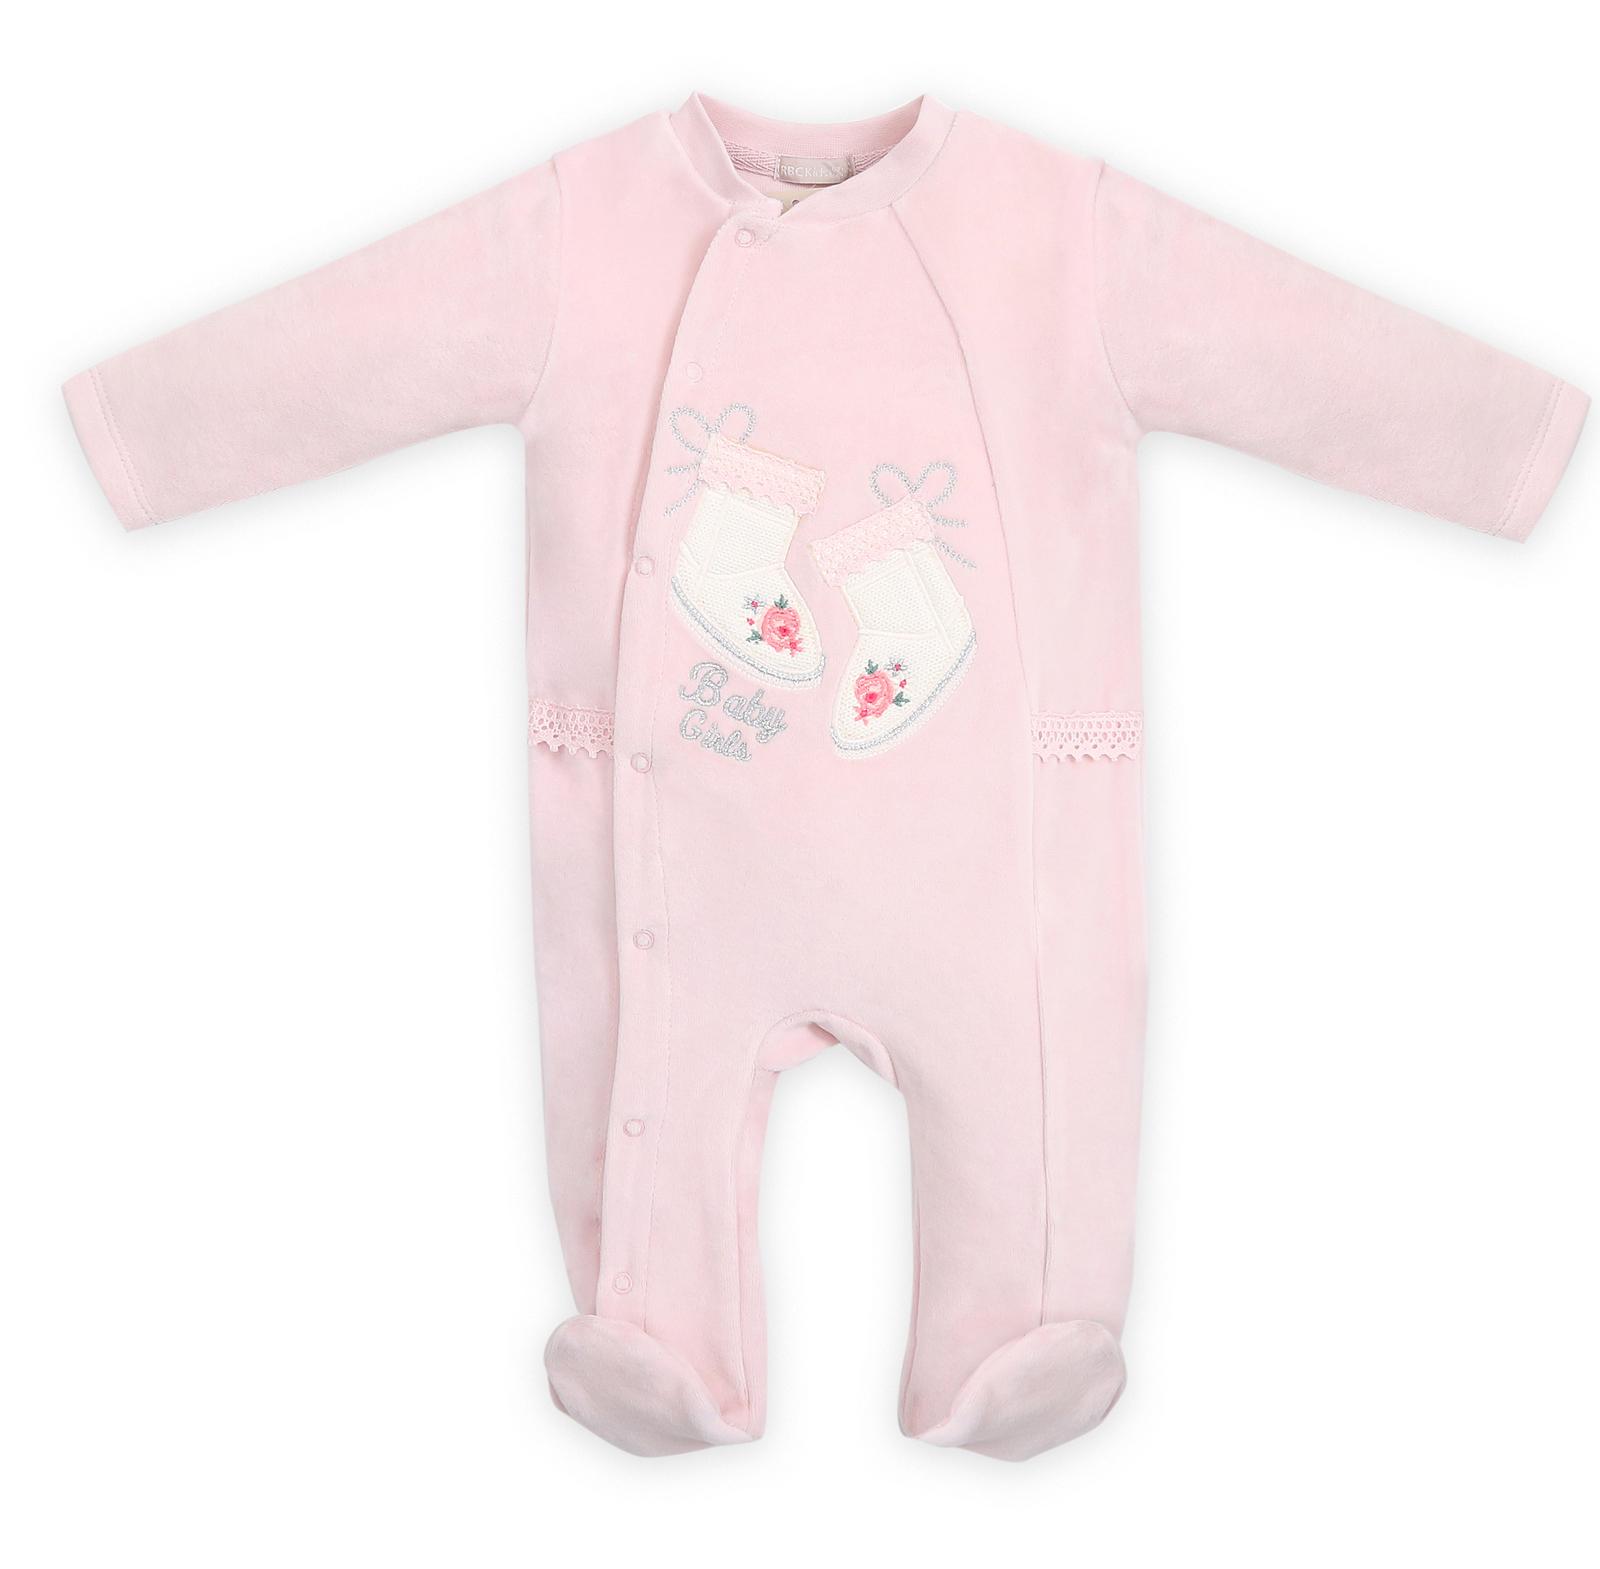 Комбинезон детский RBC МЛ 383188 розовый р.56